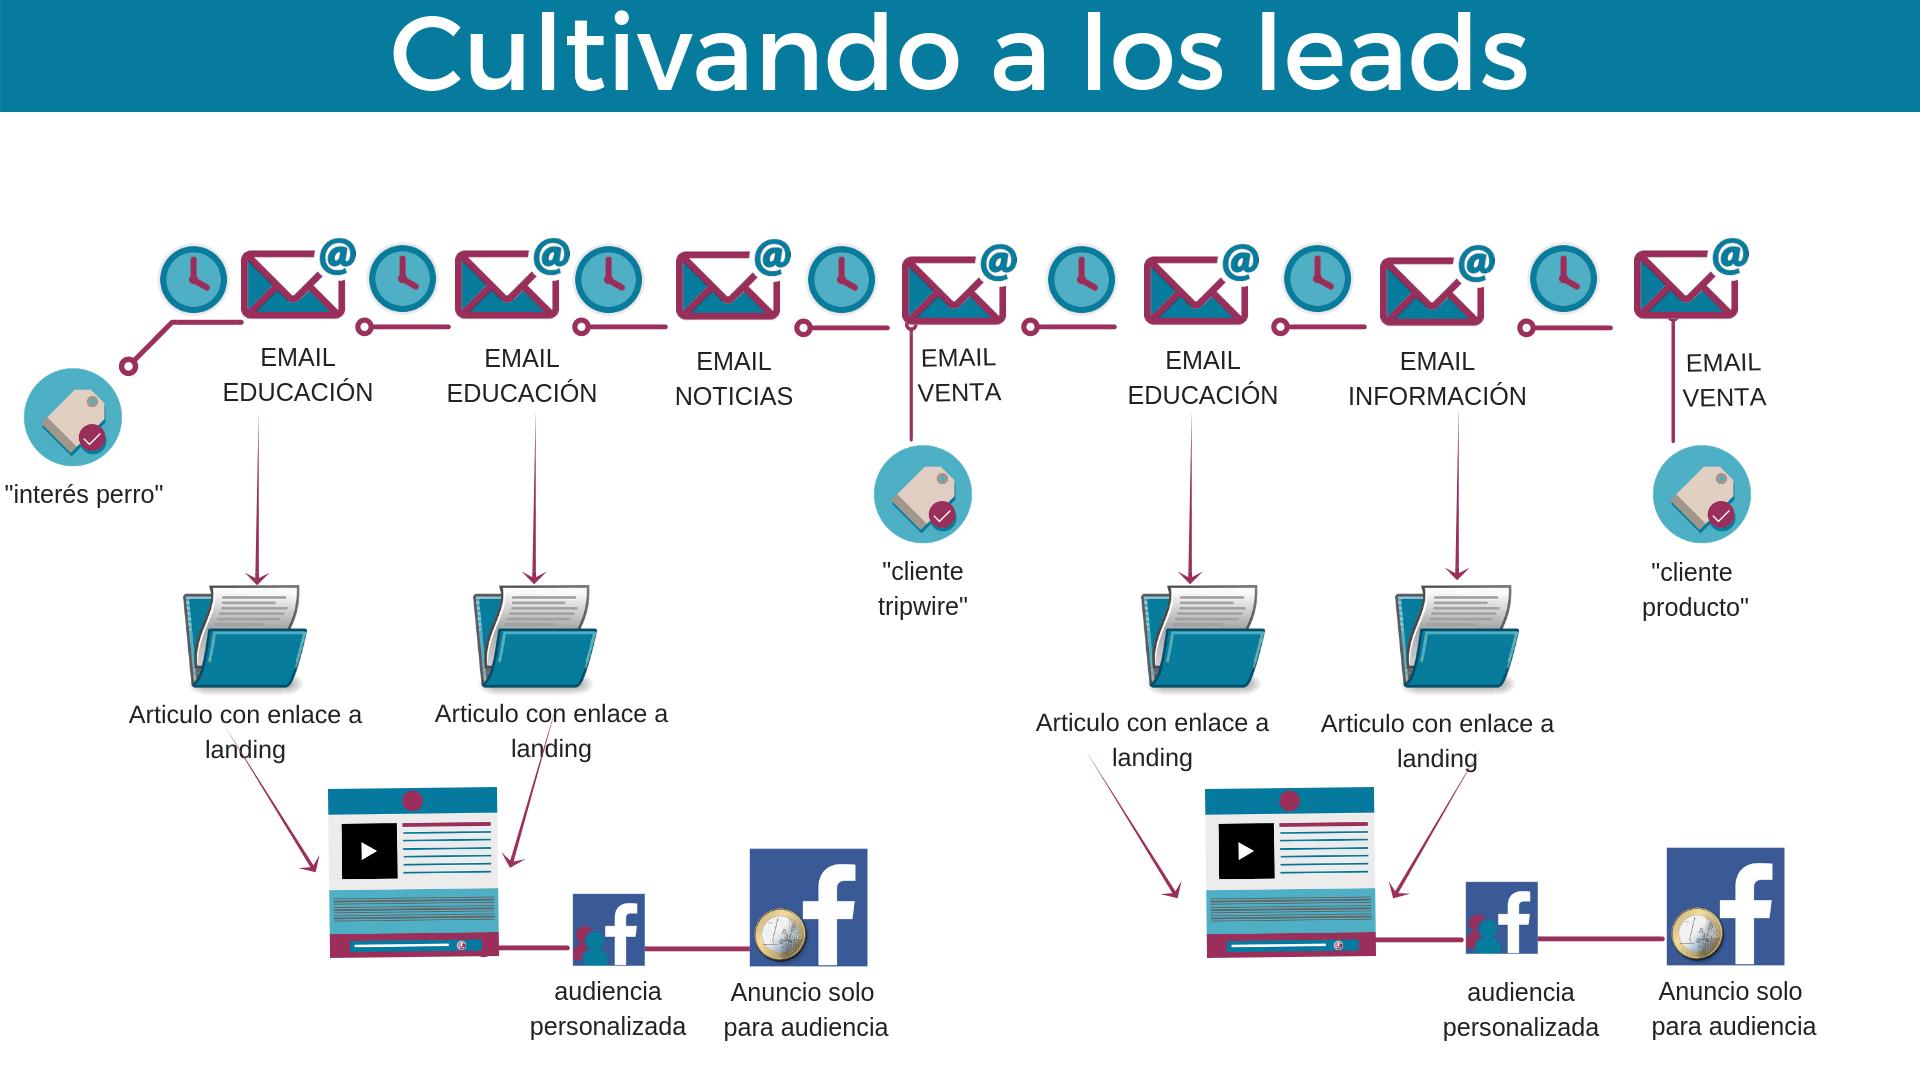 Embudo automatizado de cultivando a los leads